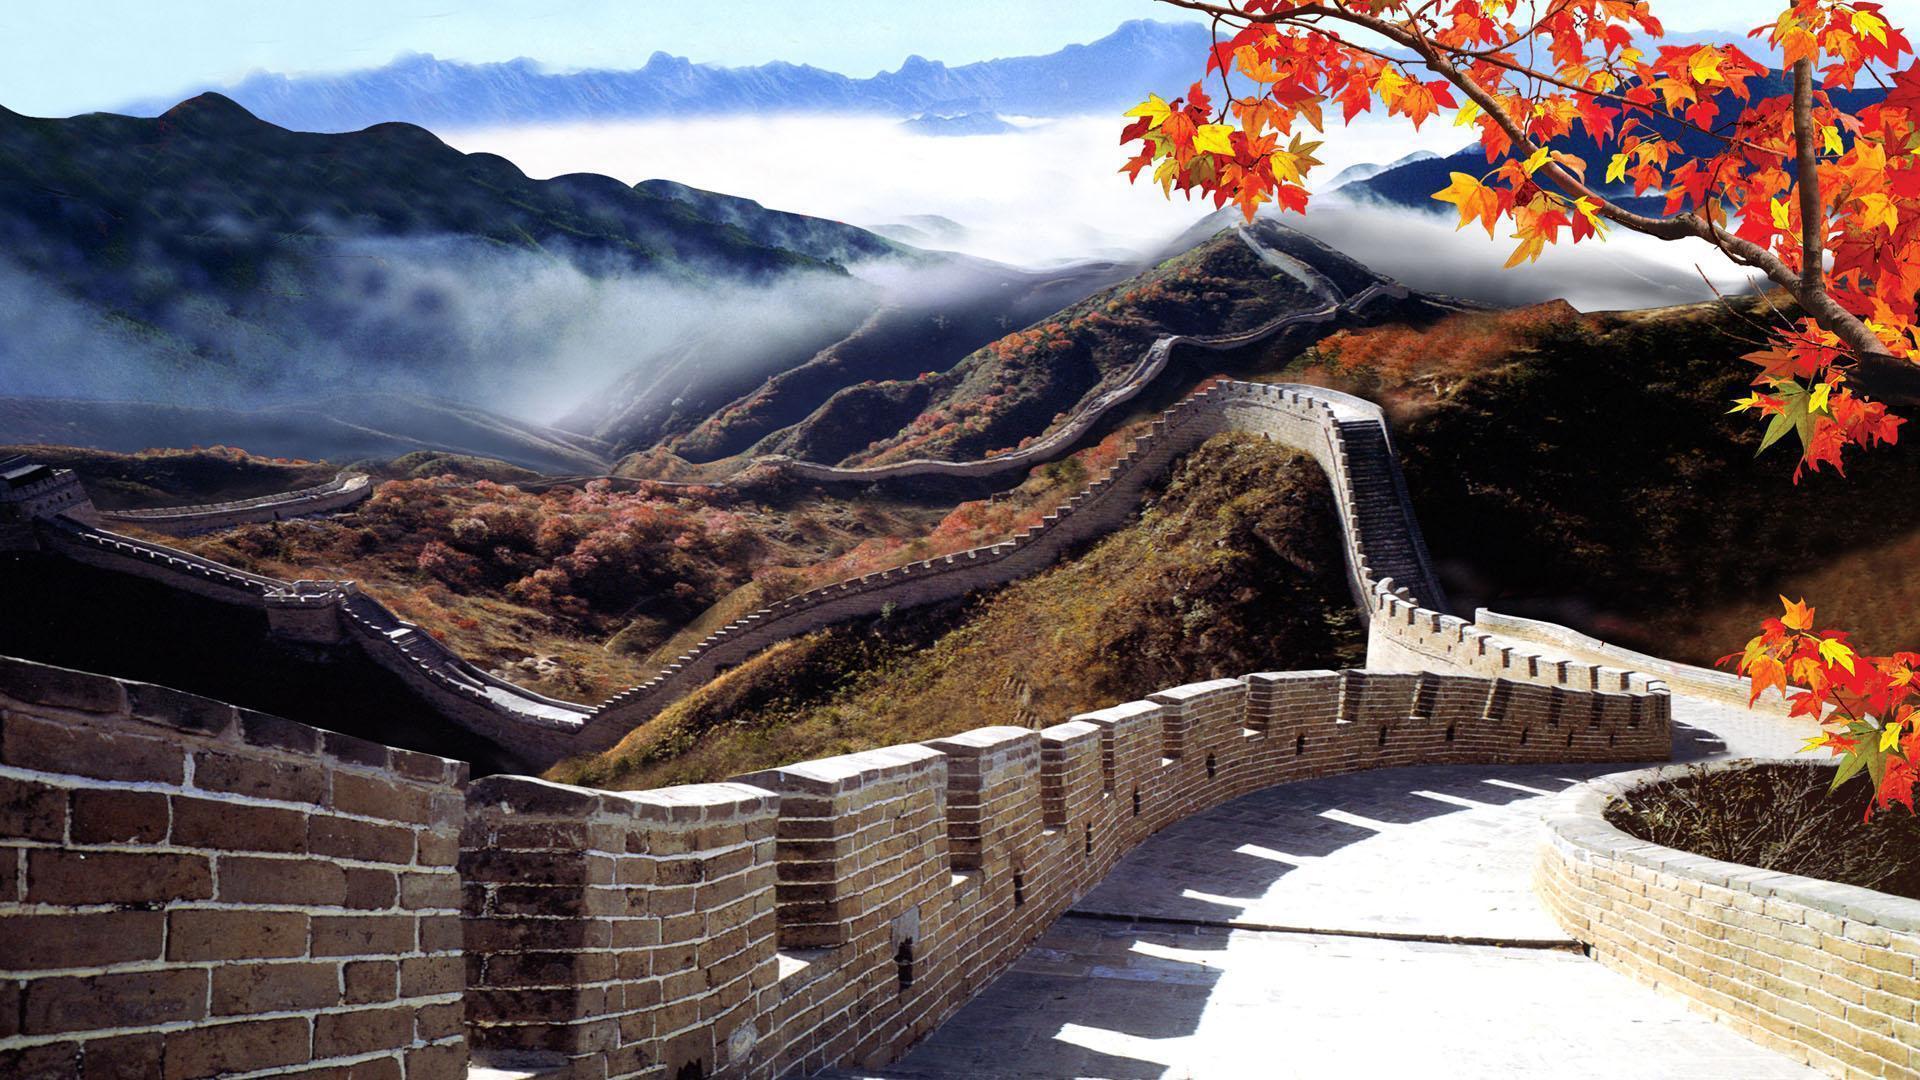 دیوار باشگوه چین